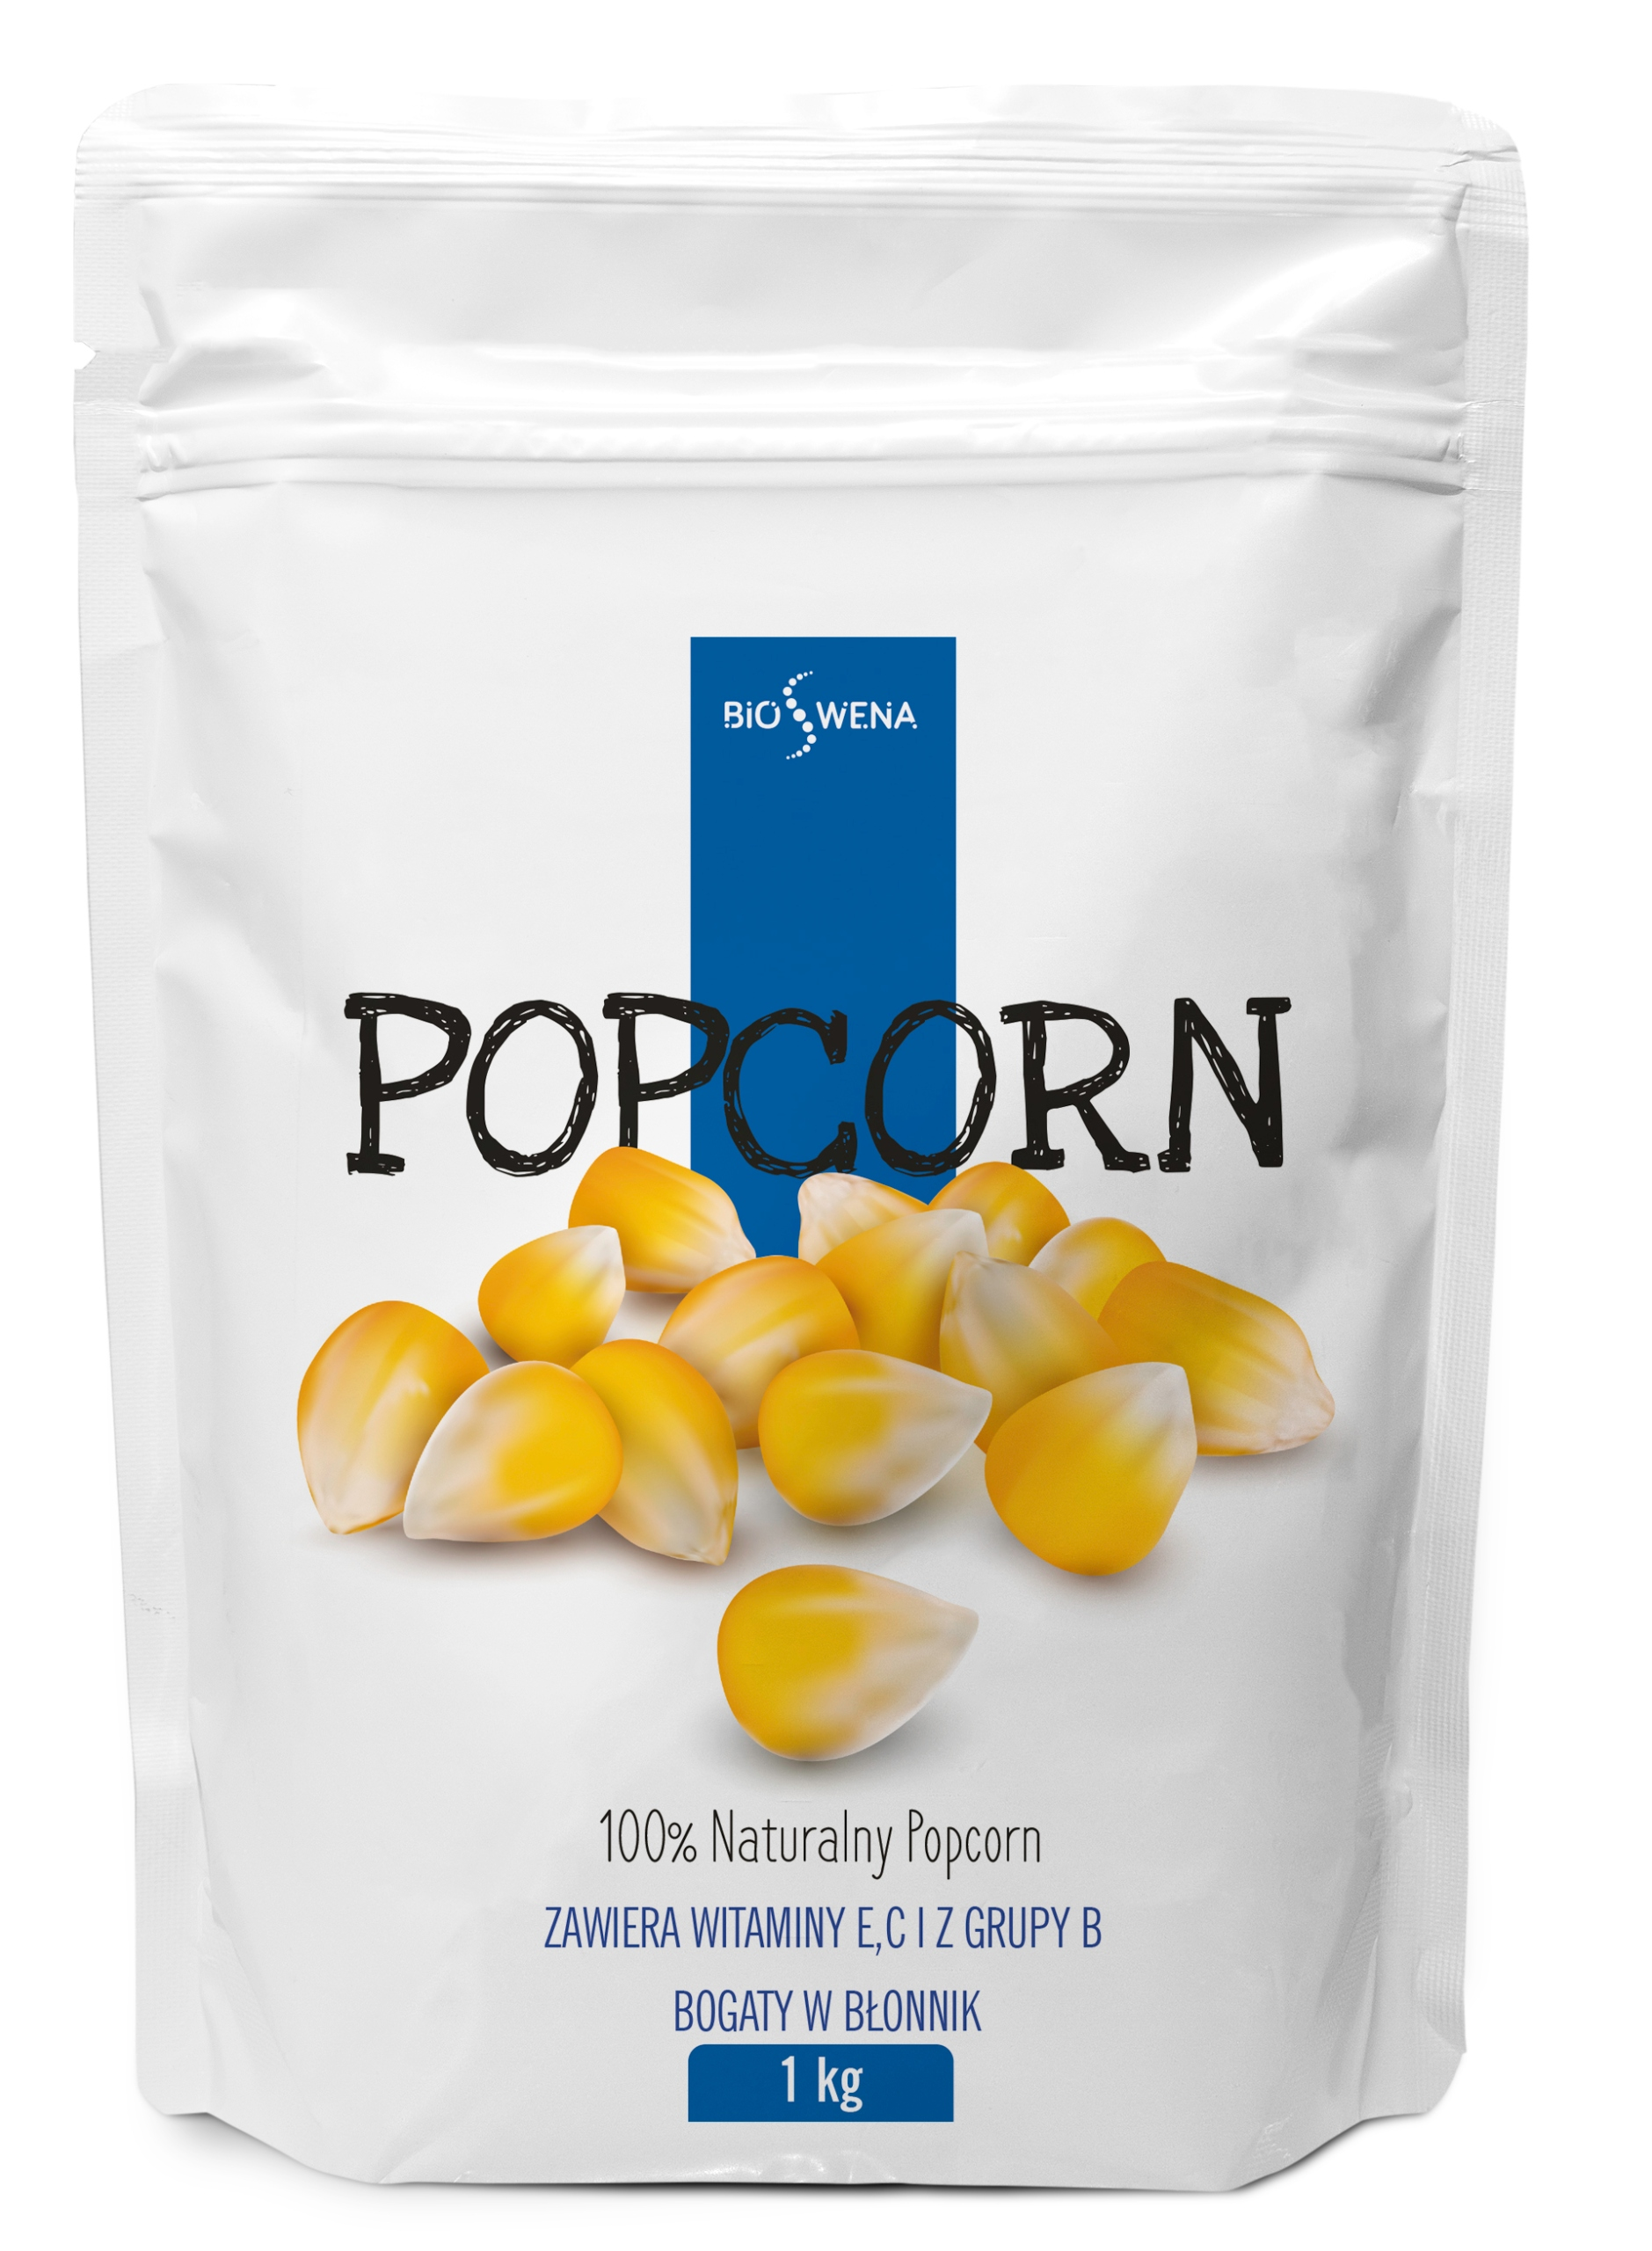 Popcorn ziarno 1kg KUKURYDZA do prażenia /BIOSWENA